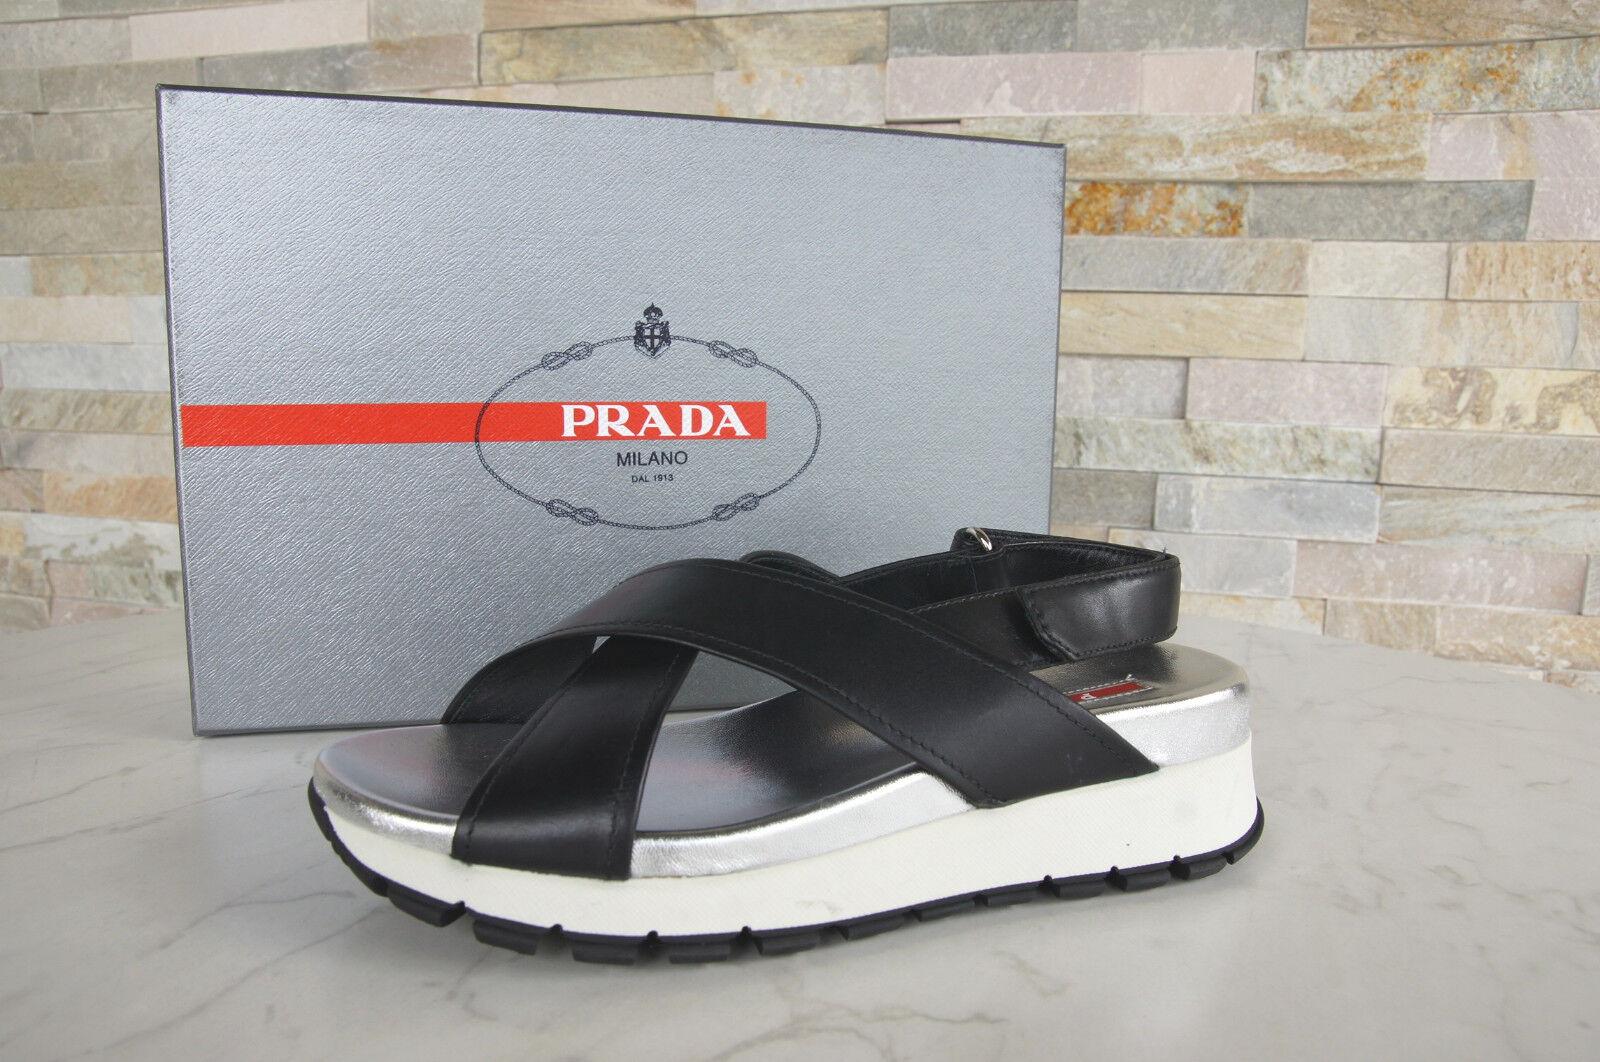 PRADA TAGLIA 40 Sandali 3x6022 Scarpe Velcro Nero Argento Bianco Nuovo UVP